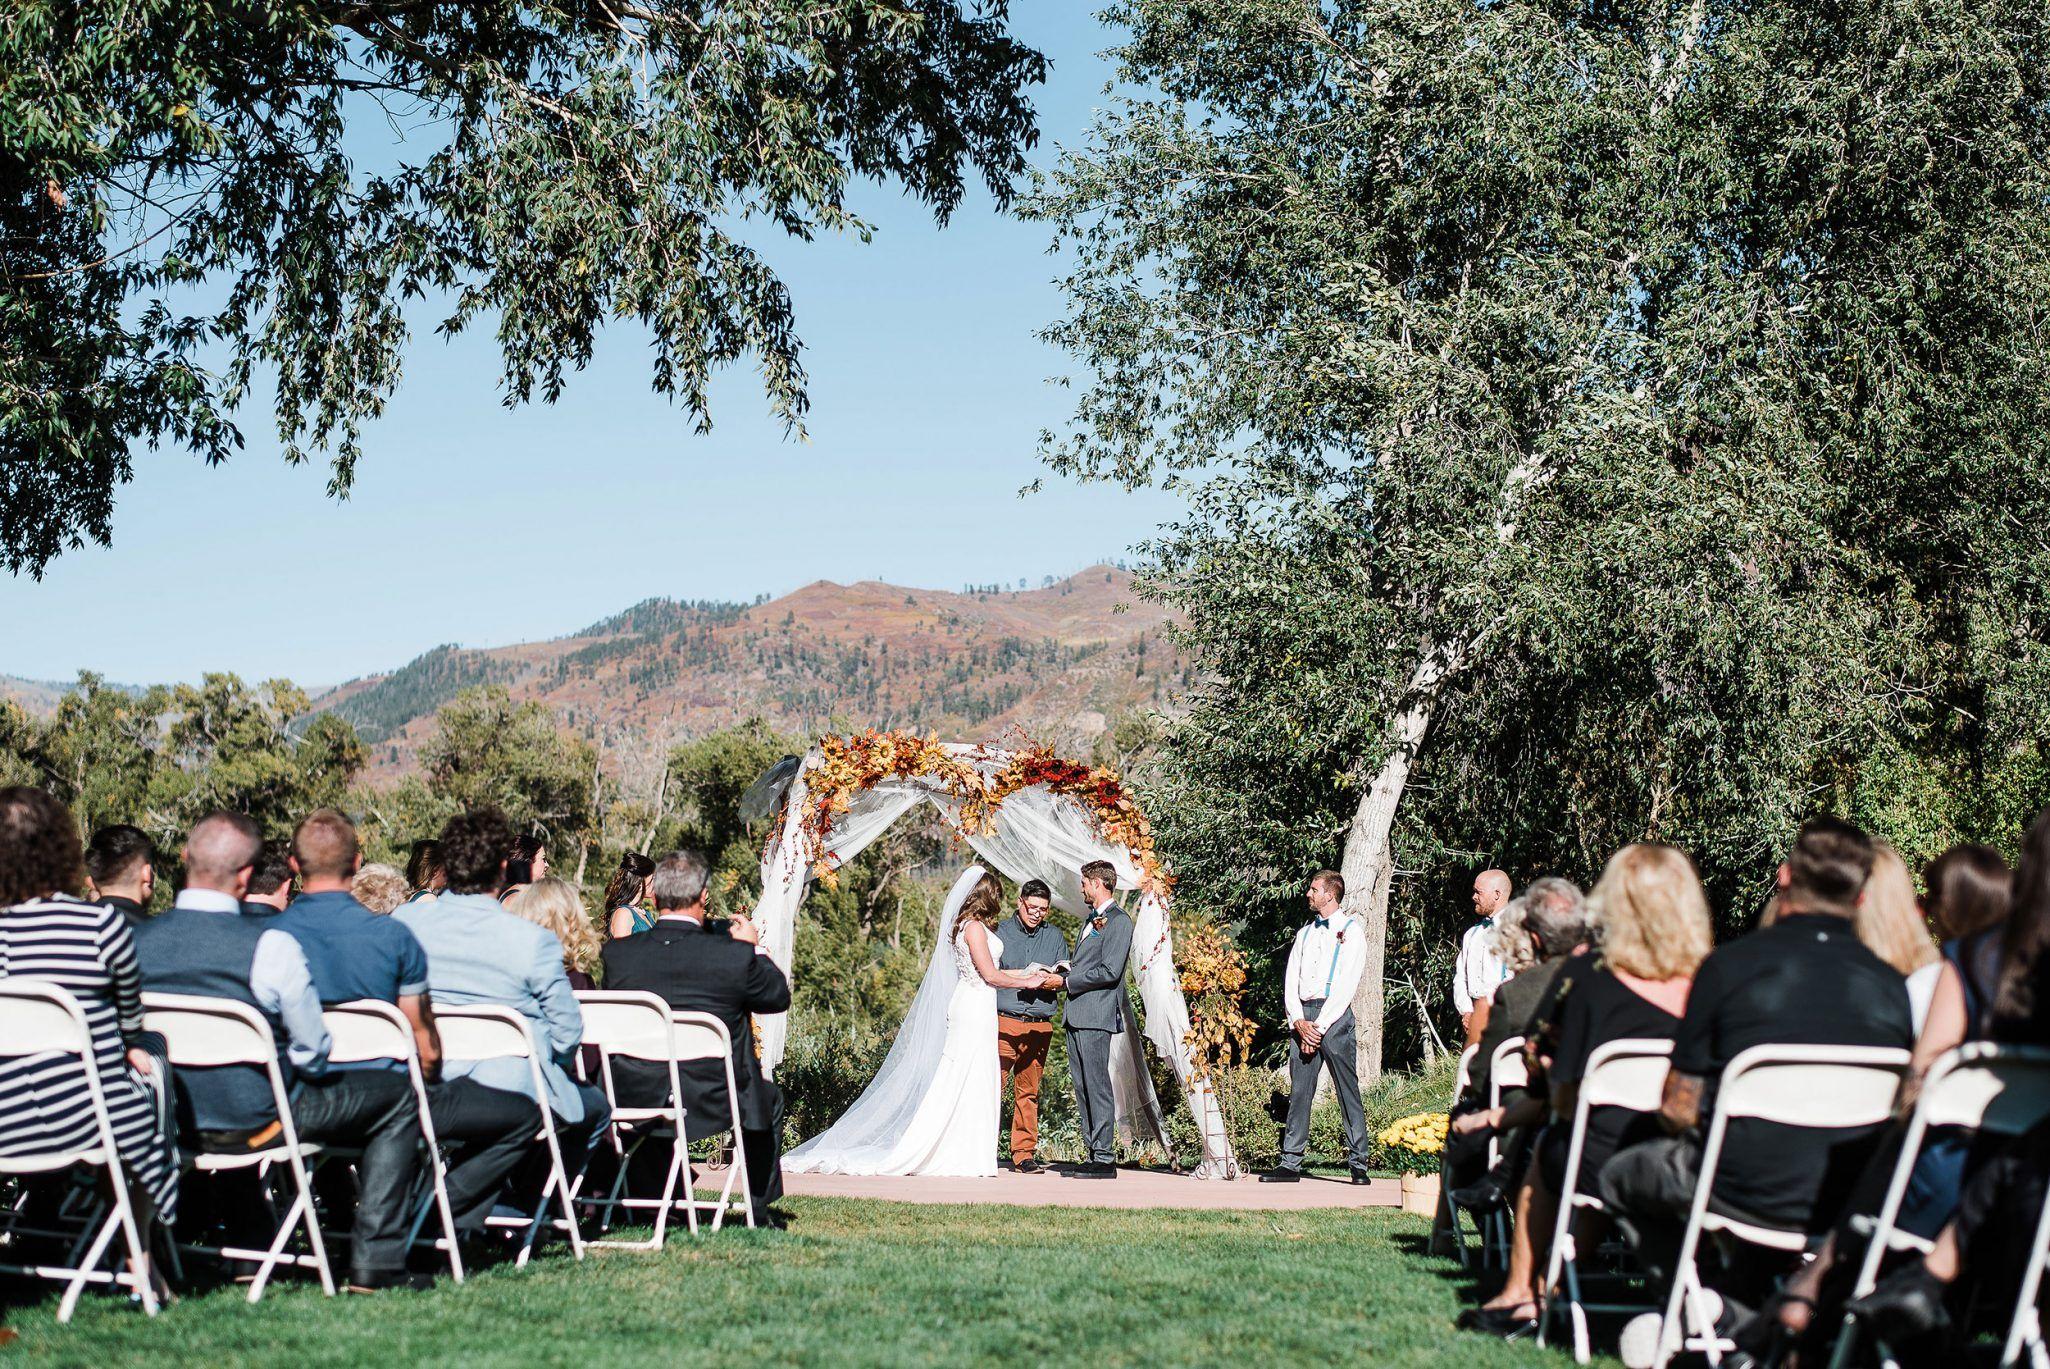 A Vintage Glam Wedding At Dalton Ranch Vintage Glam Wedding